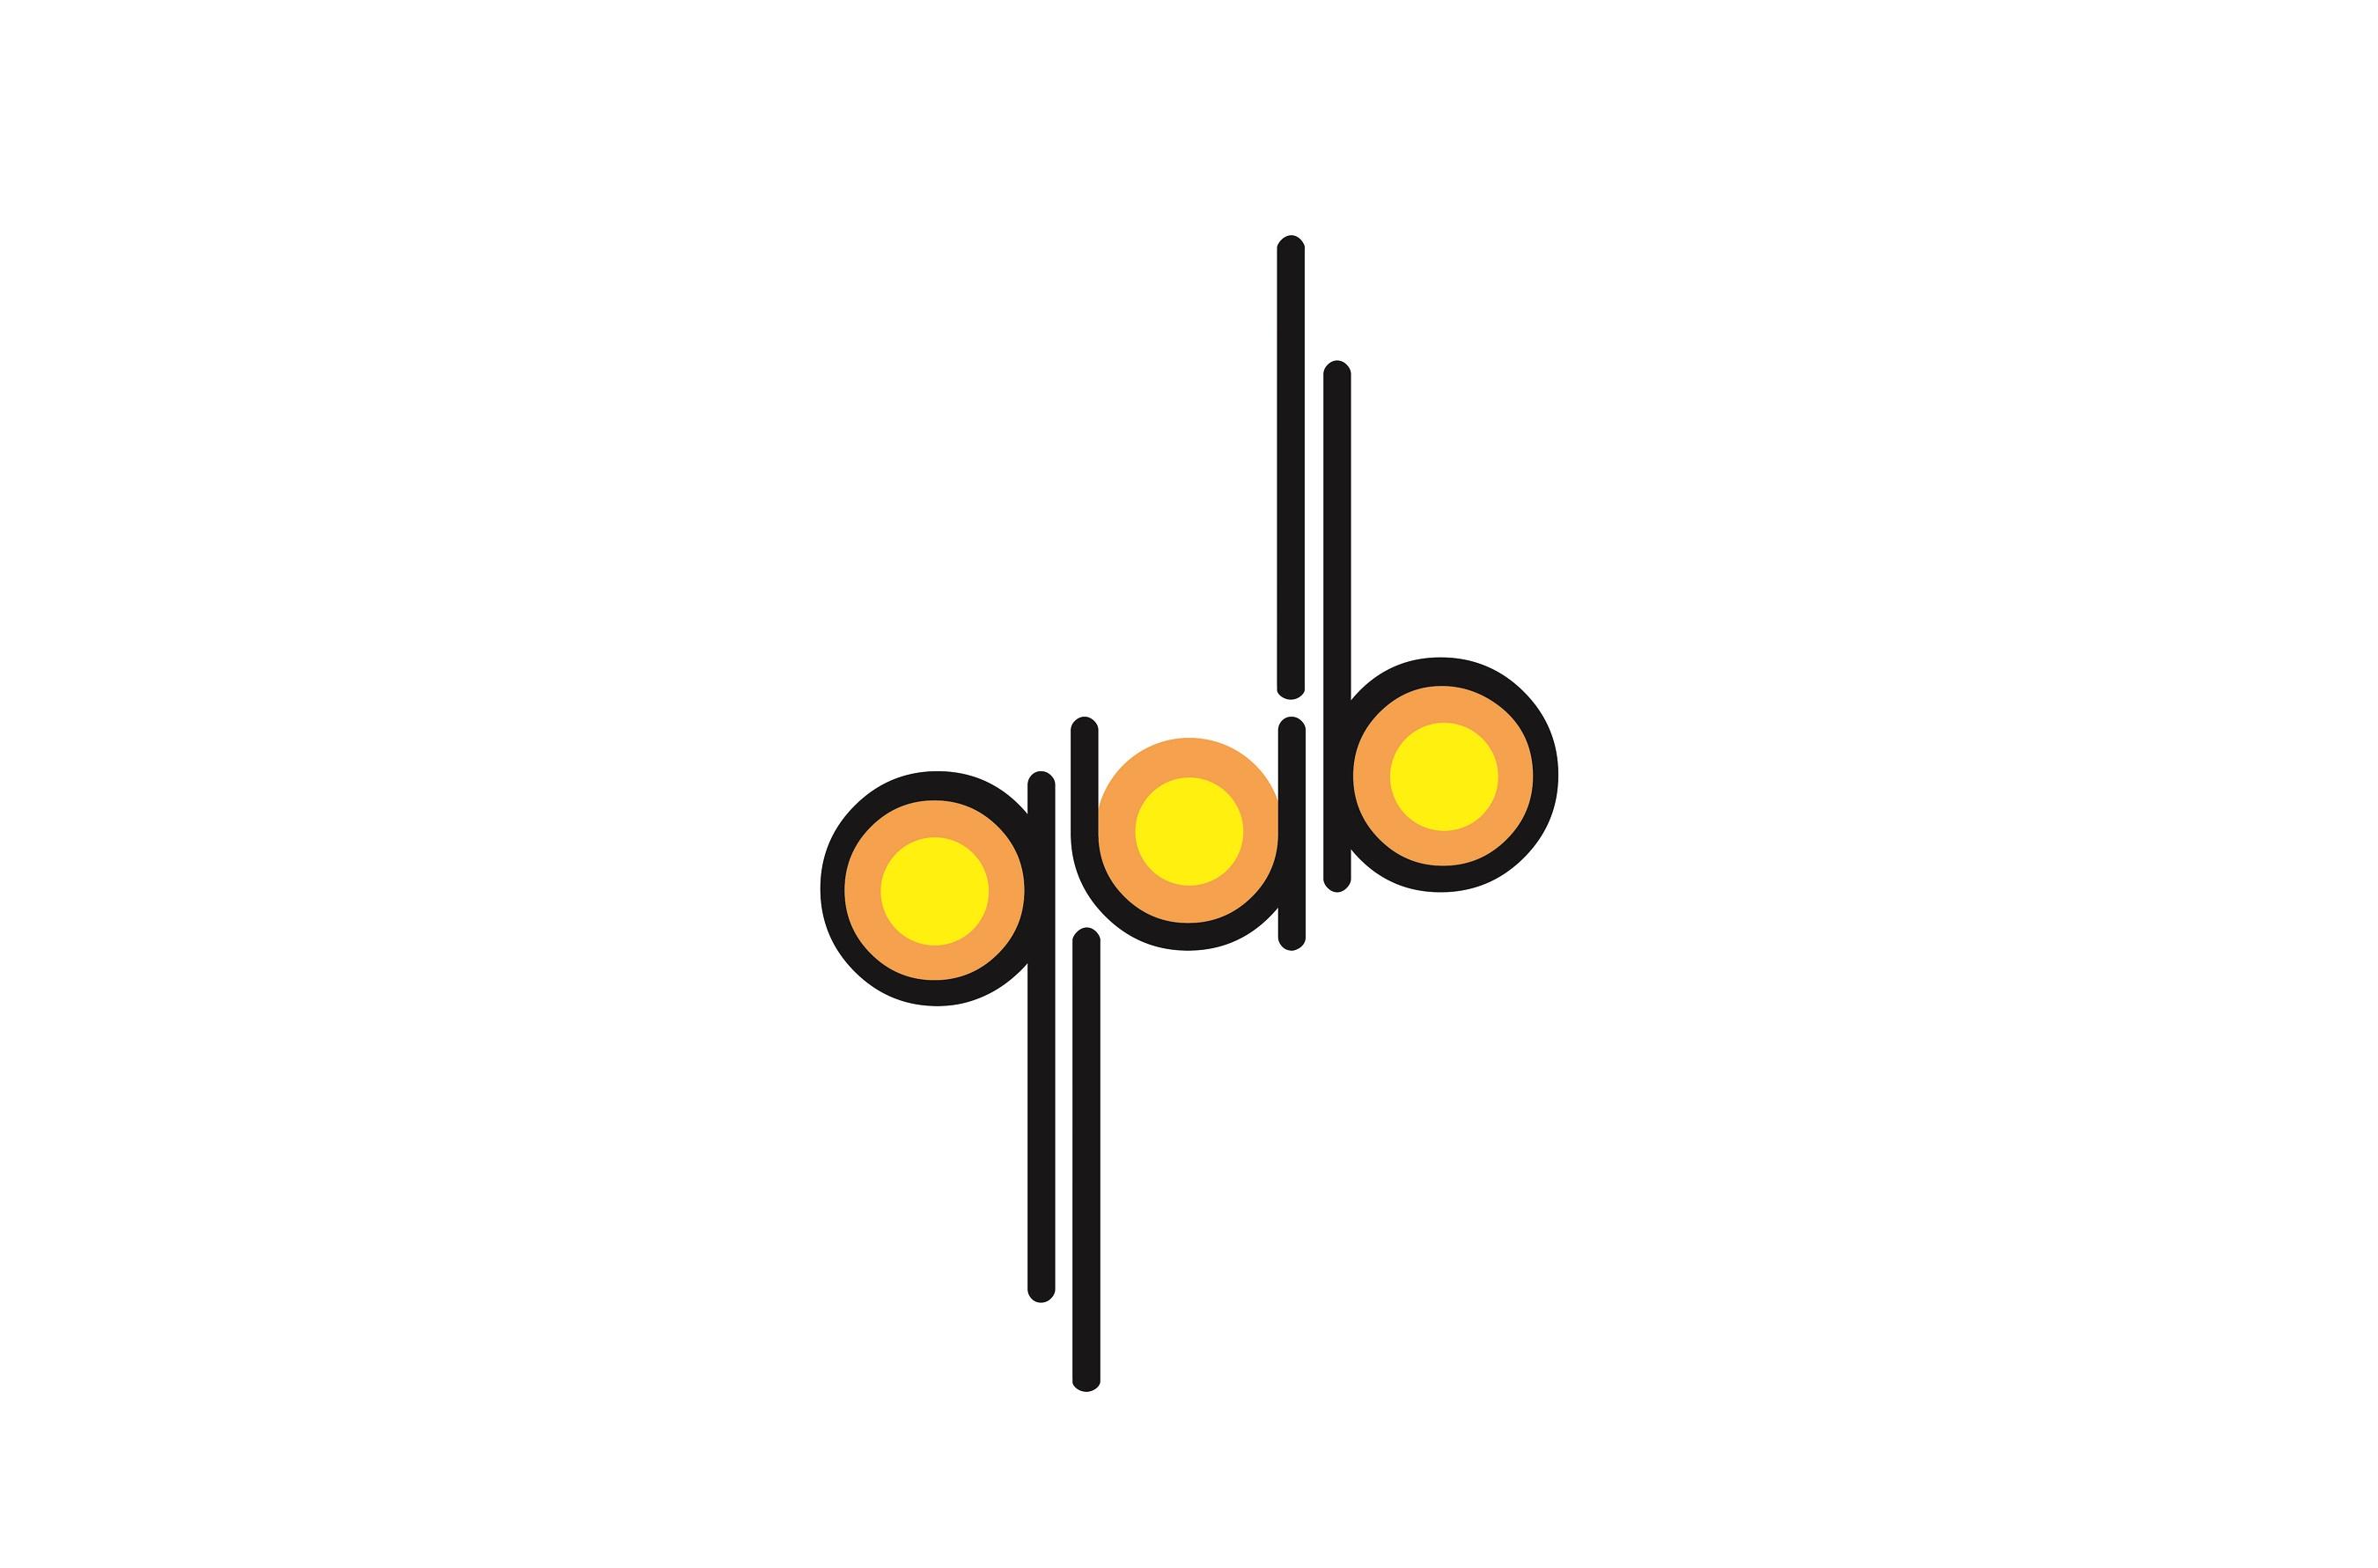 Разработка логотипа и фирменного стиля для ТМ фото f_0365f213c88a06f0.jpg